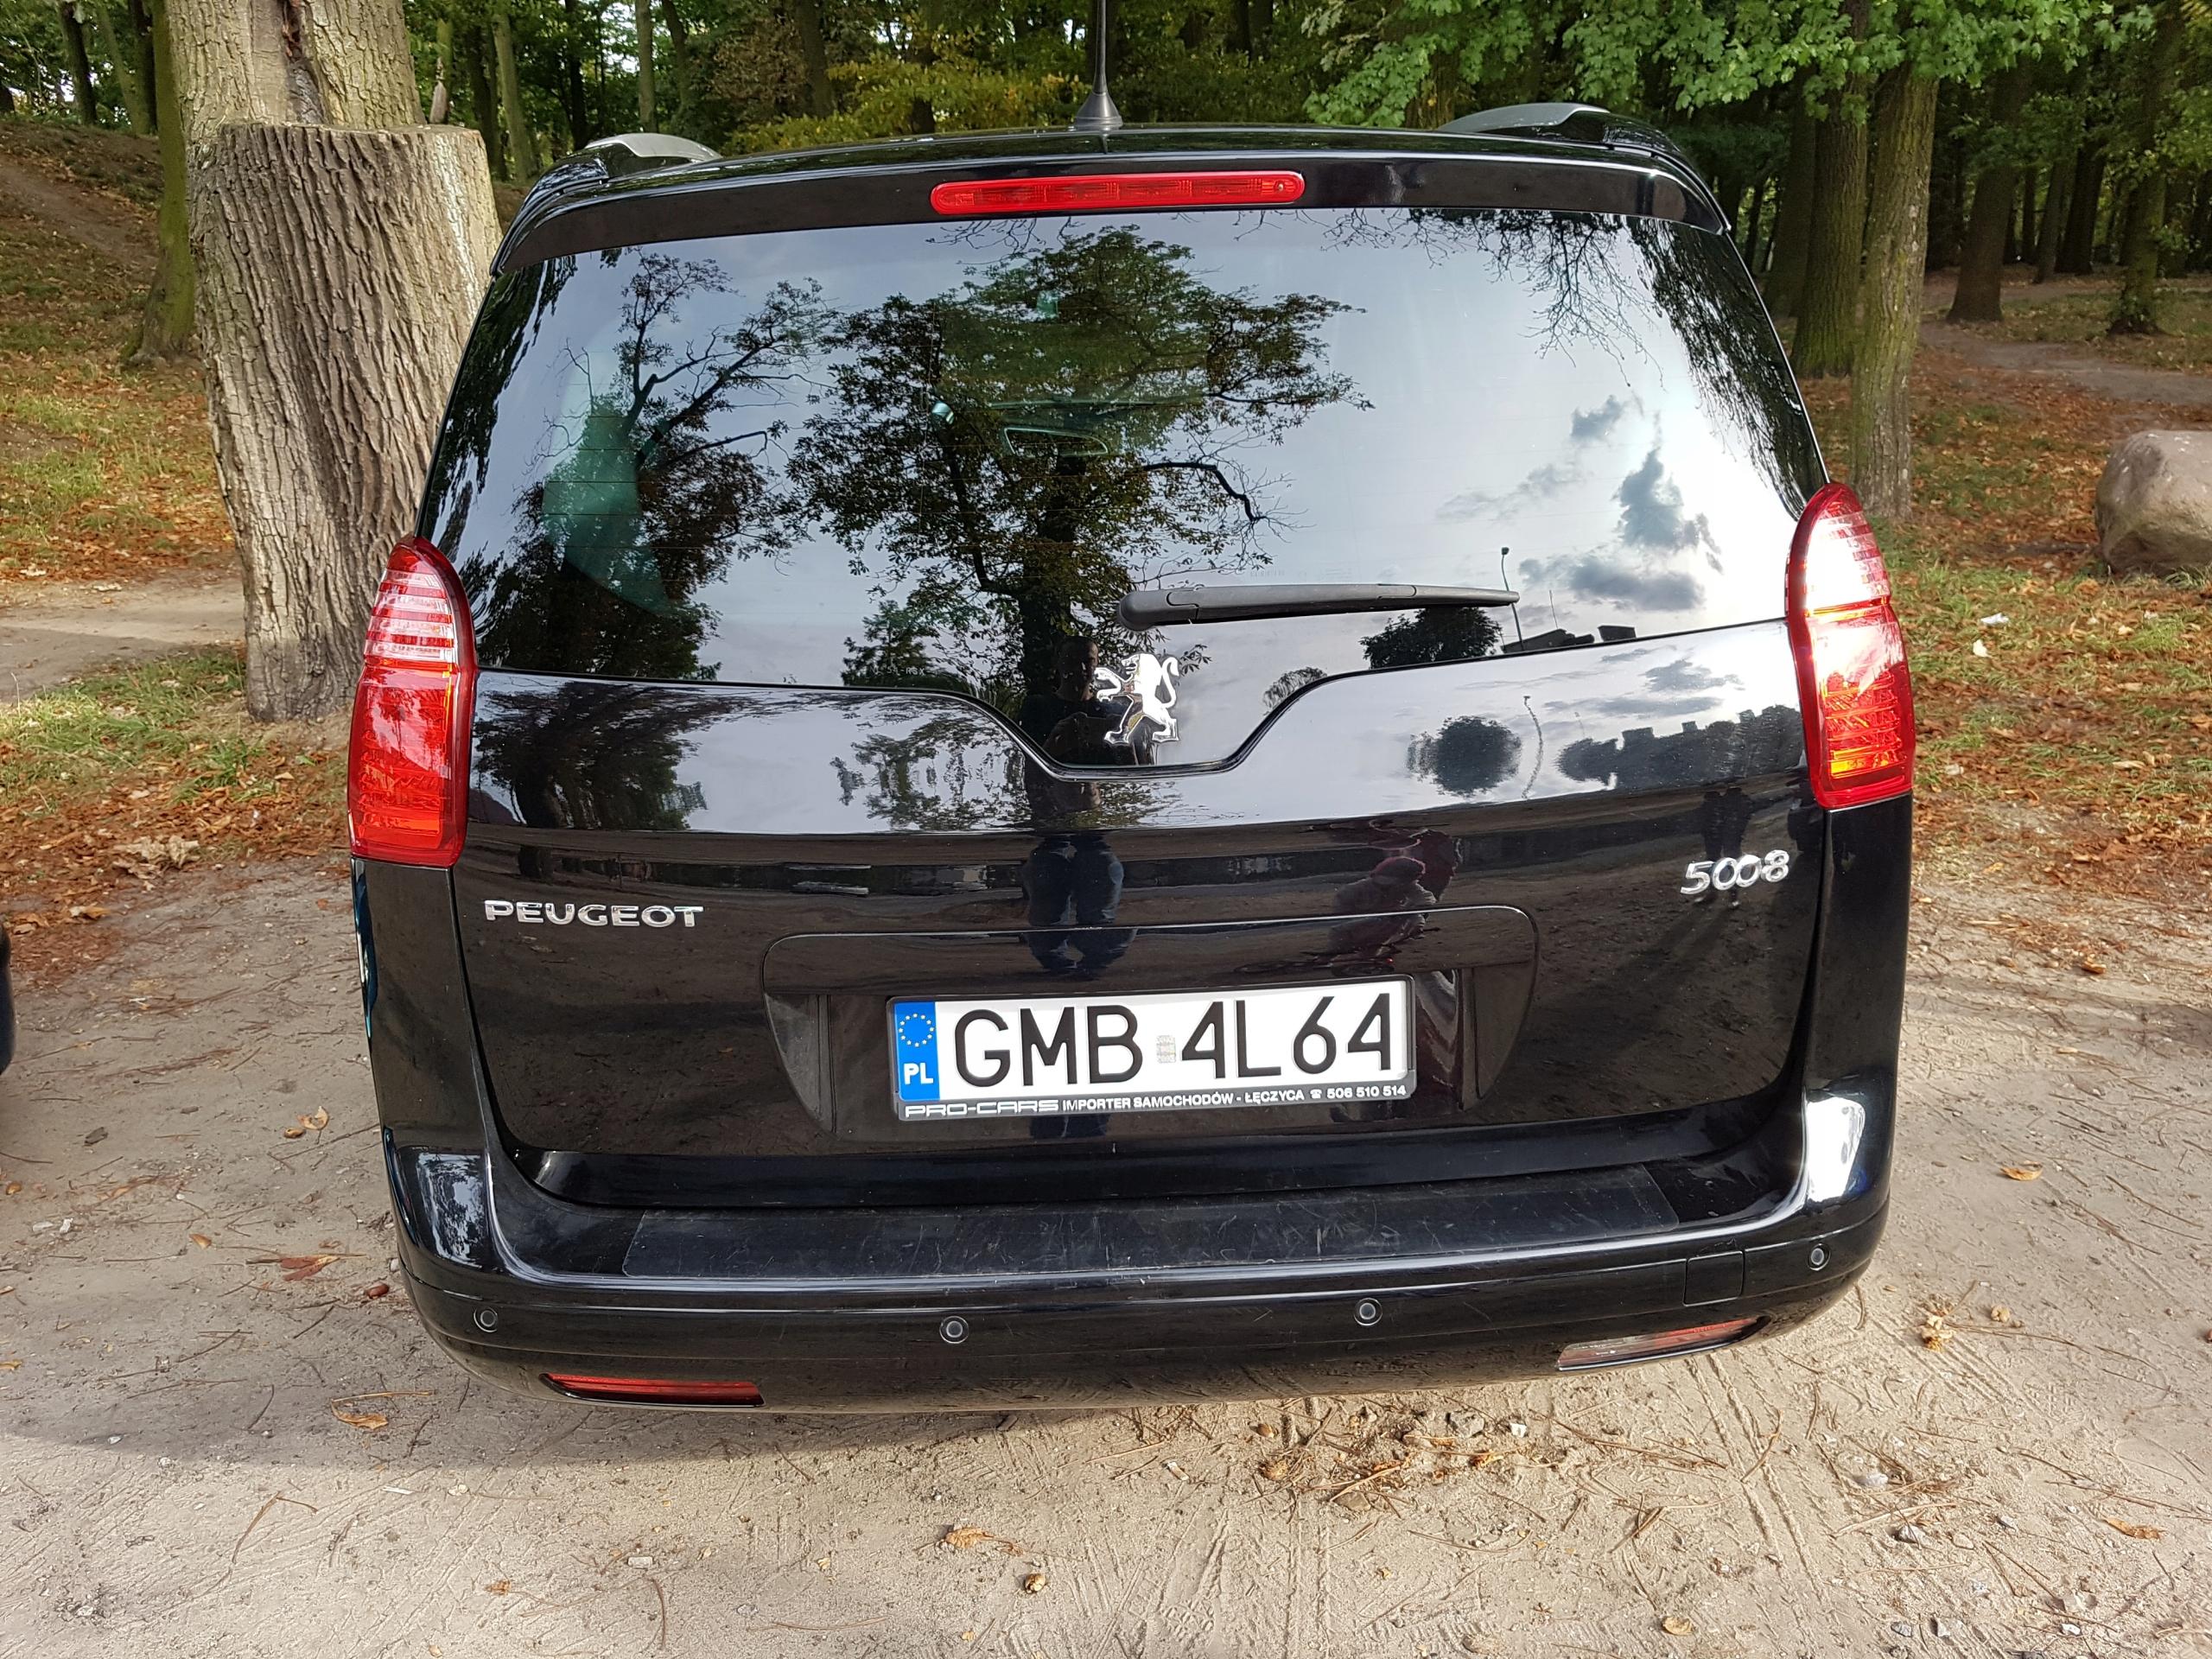 Peugeot 5008 1 6 benzyna 2011/2012 W Niskiej Cenie